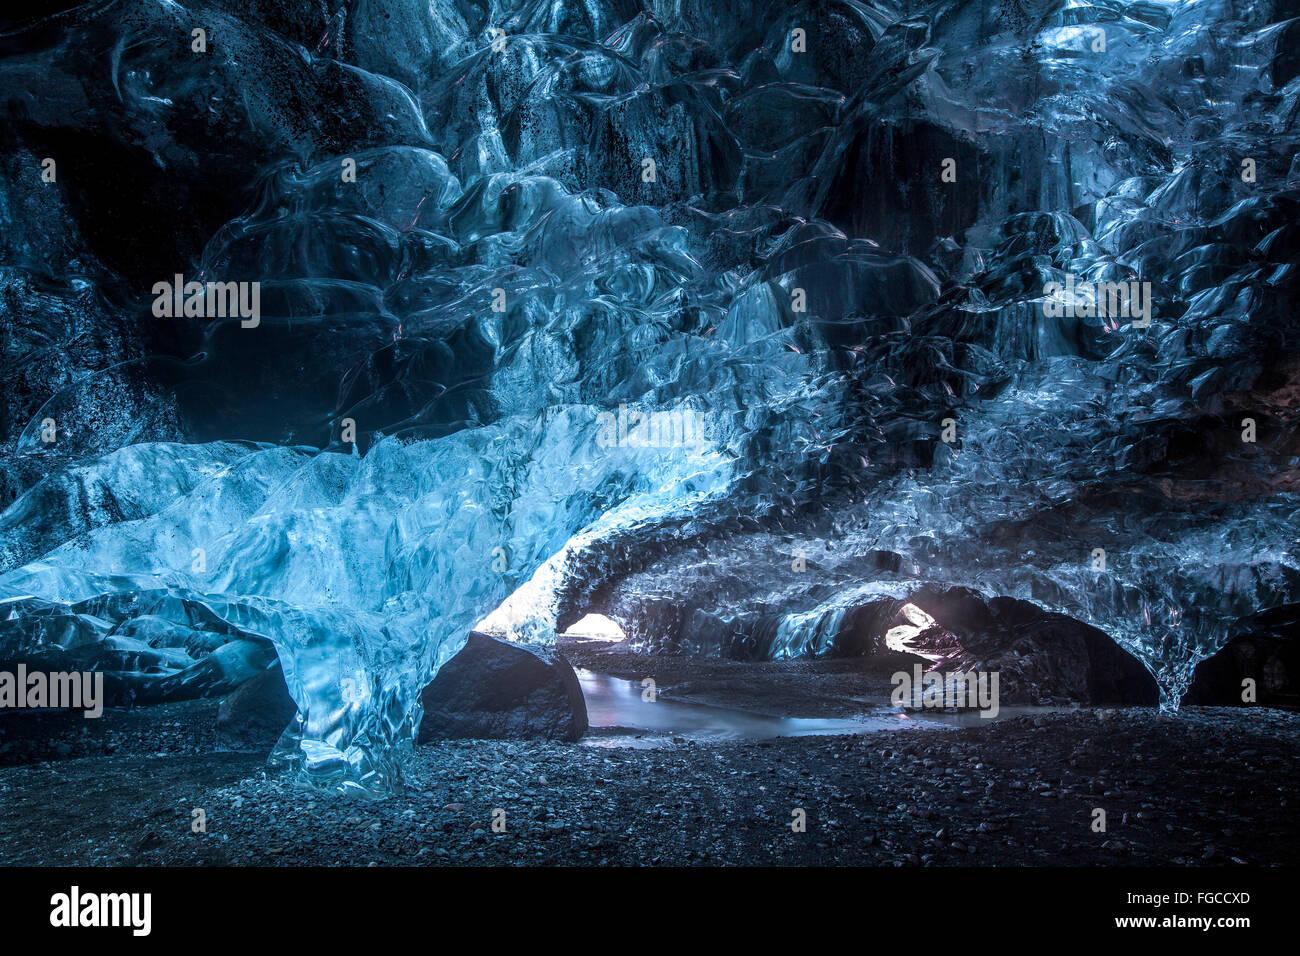 Cueva de hielo bajo el Vatnajökull, Región Sur, Islandia Foto de stock